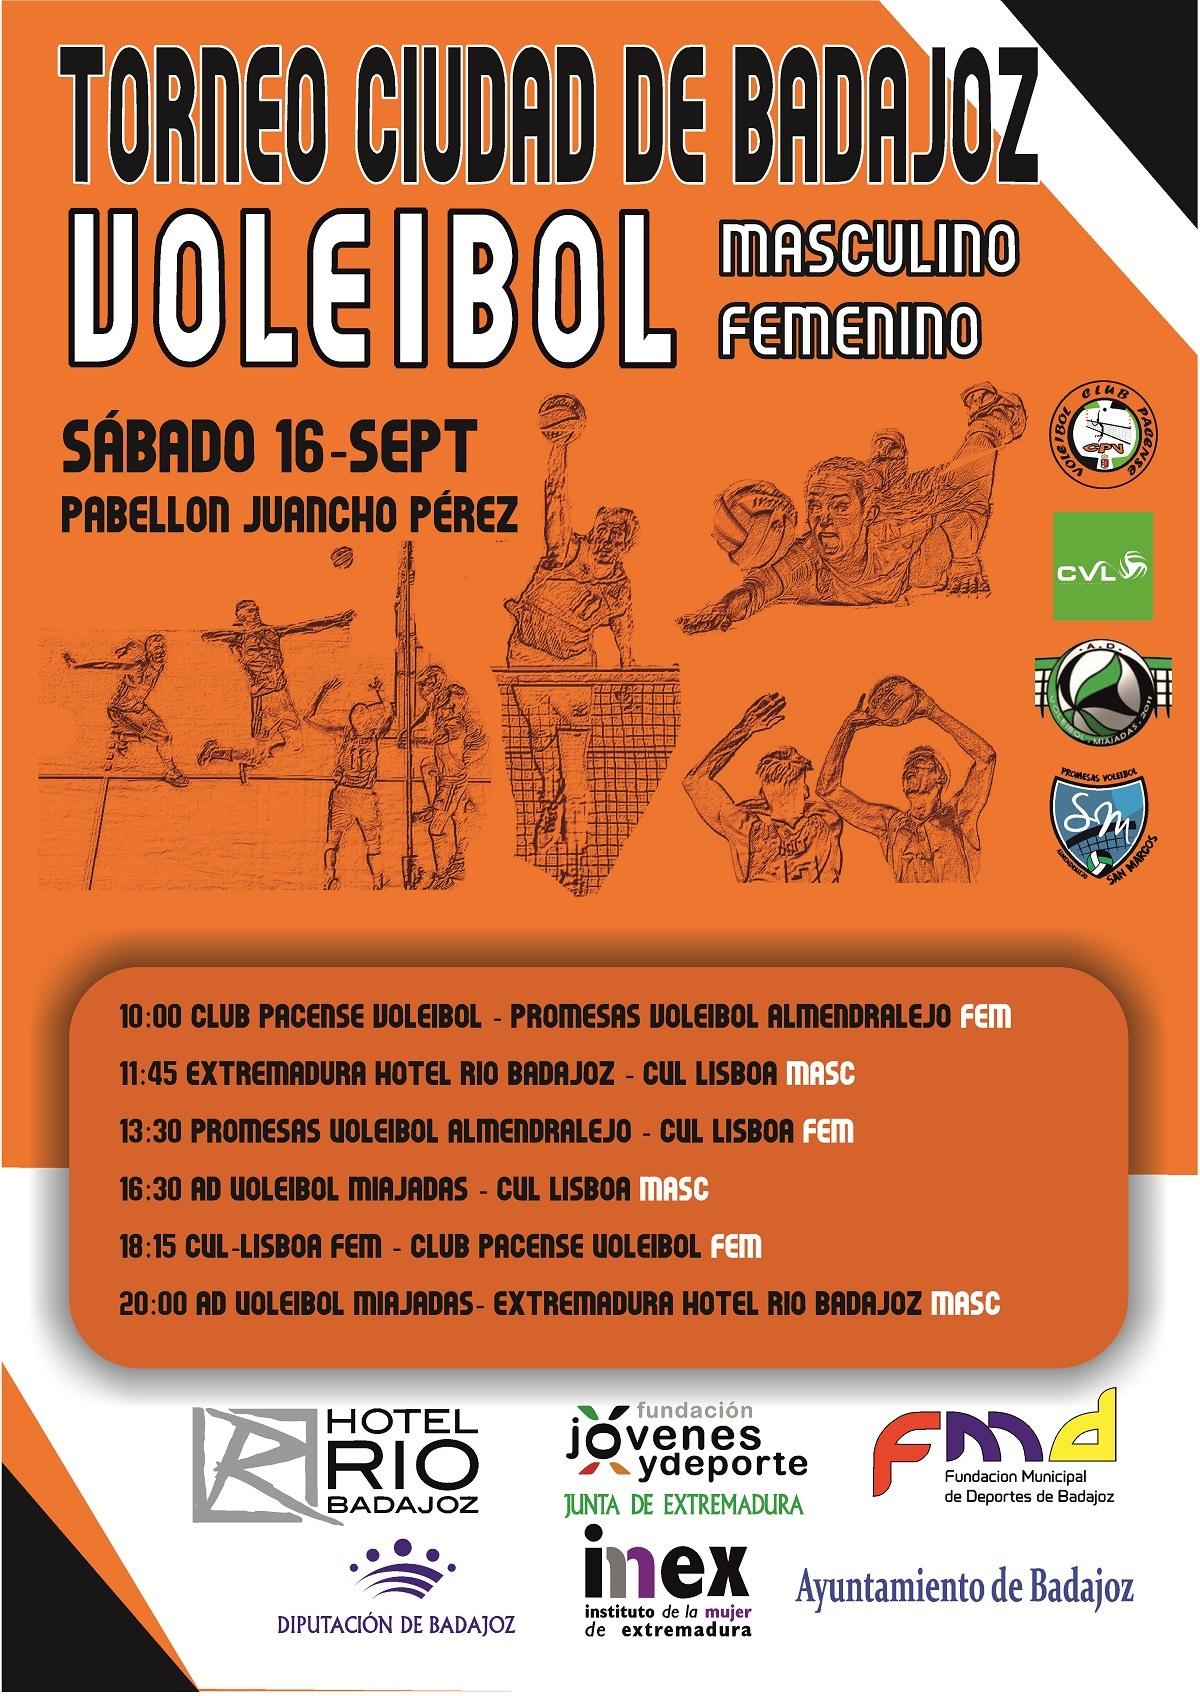 Torneo Ciudad de Badajoz Voleibol 2017